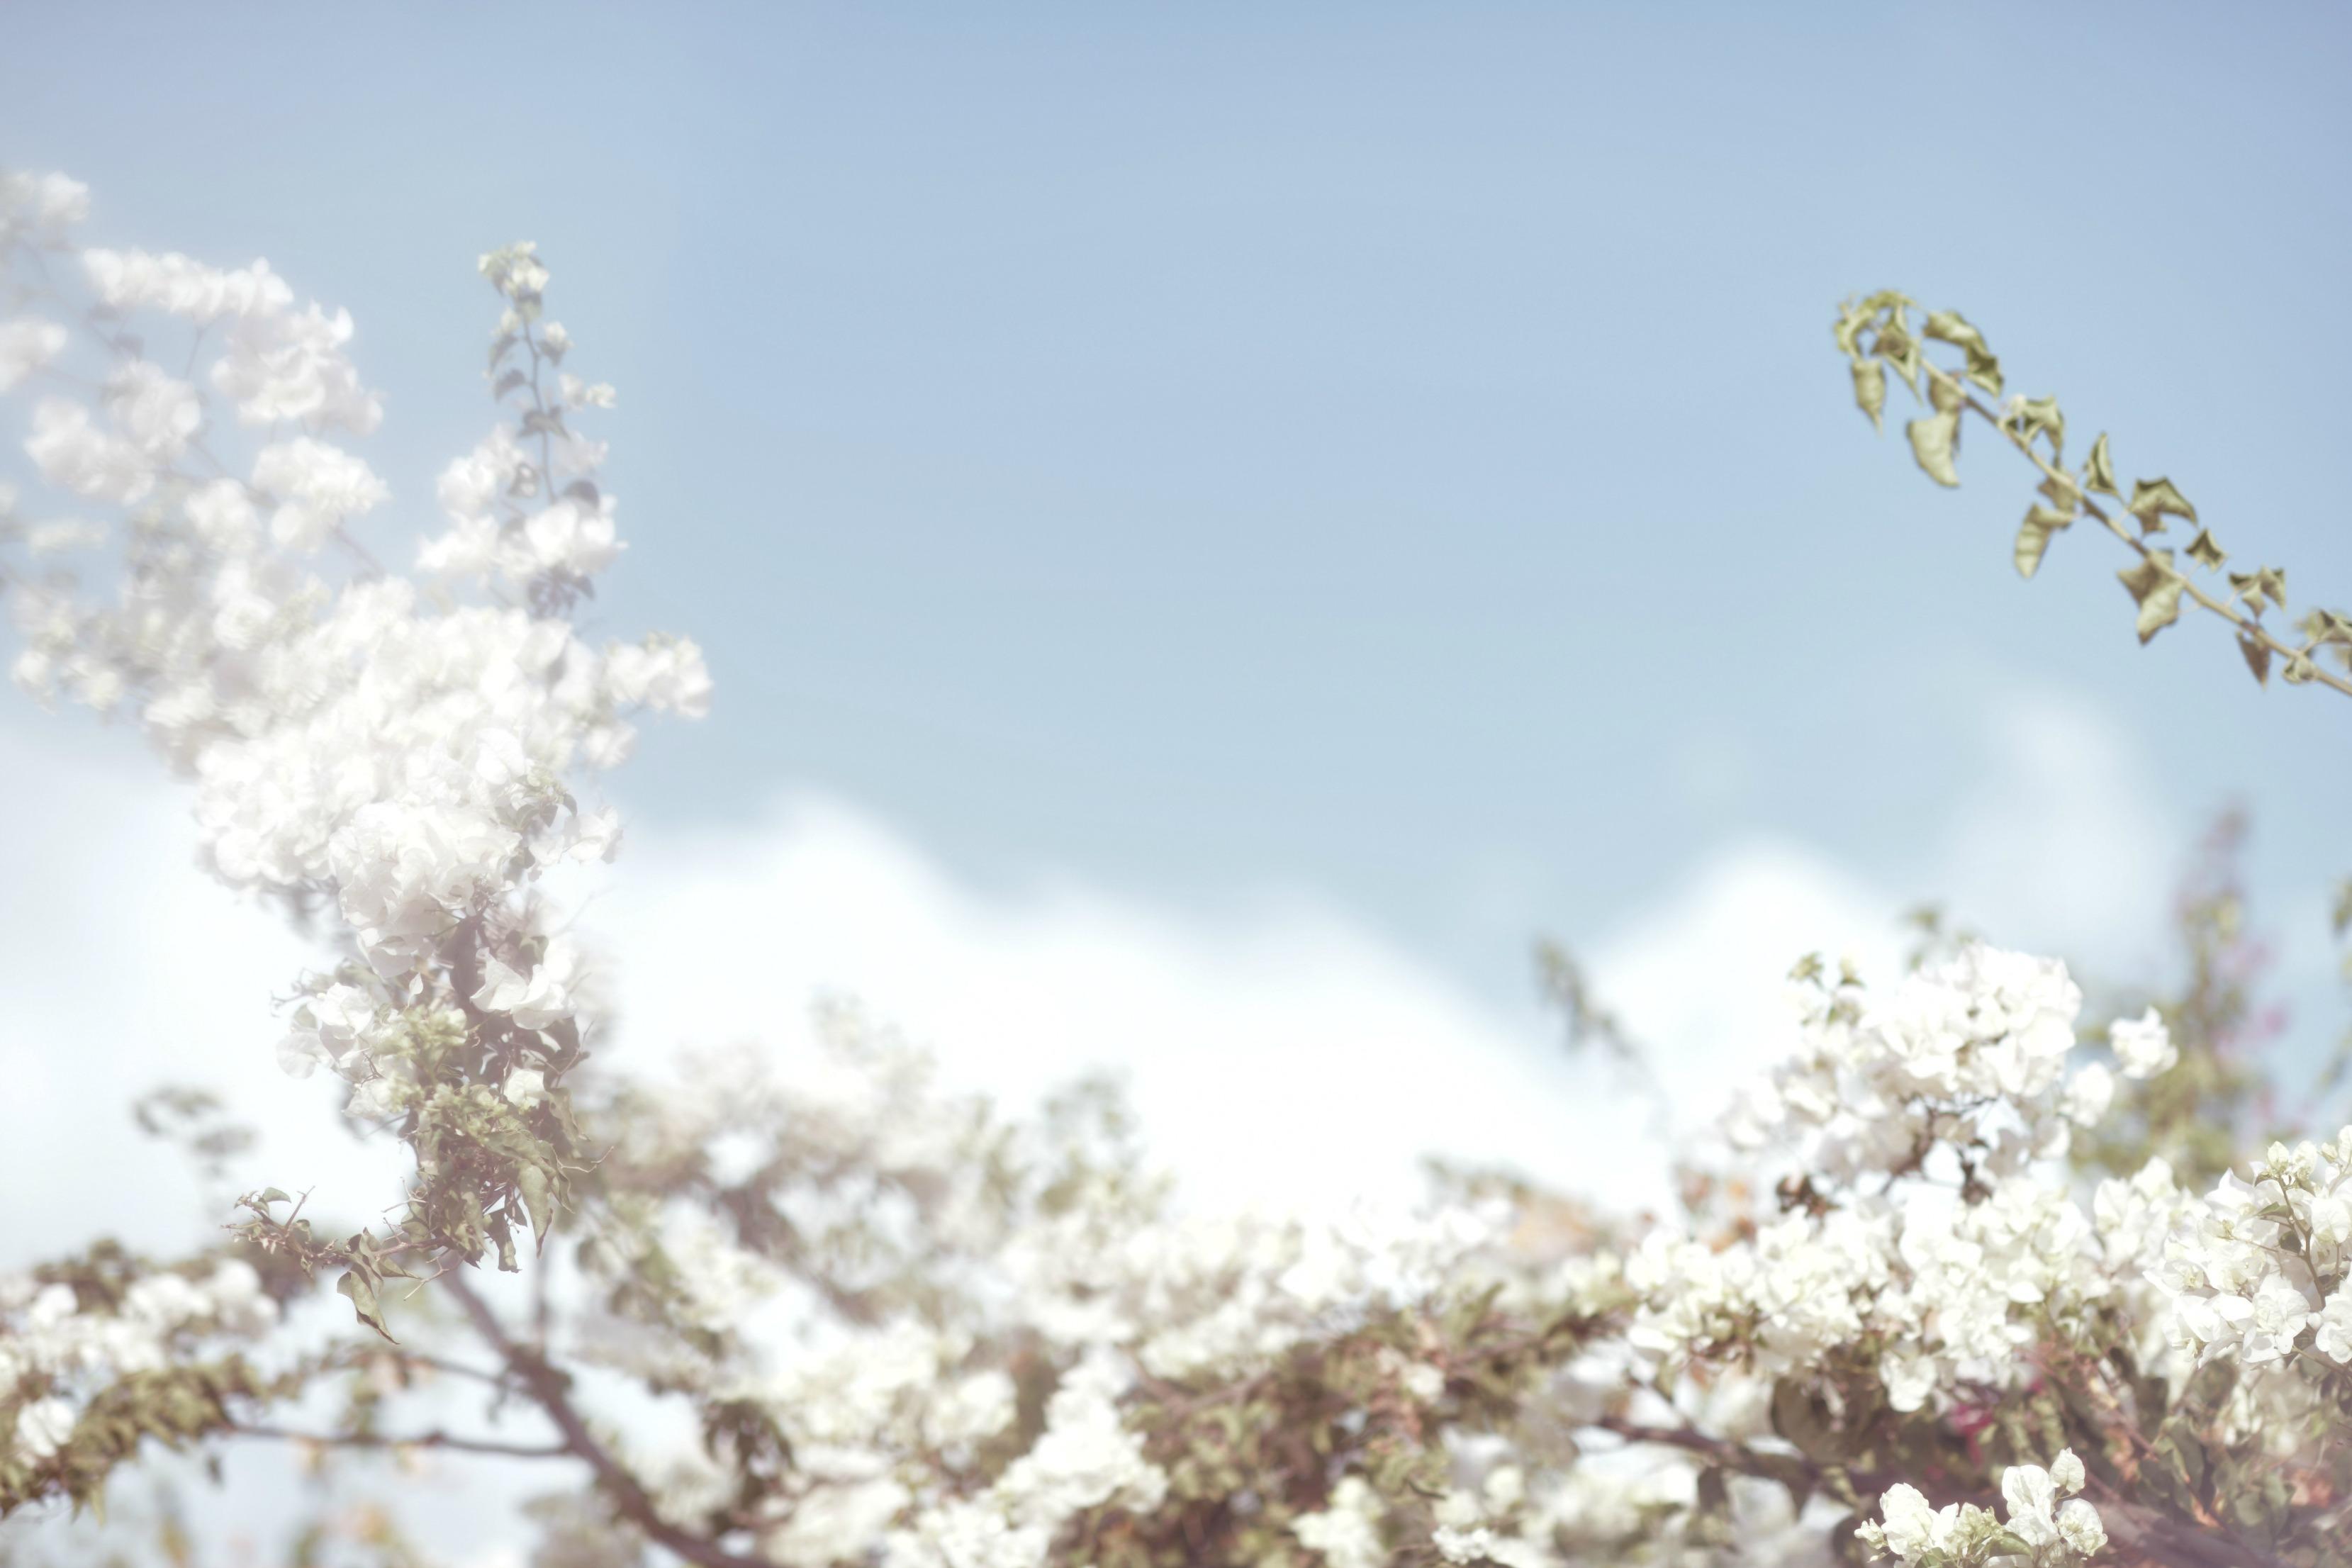 עננים שמיים ופרחים מתוך הפוסט חיבוק של אדמה של תמרי סלונים ליבס/ צלמת: טלי רצקר בבלוג tamariandme.com